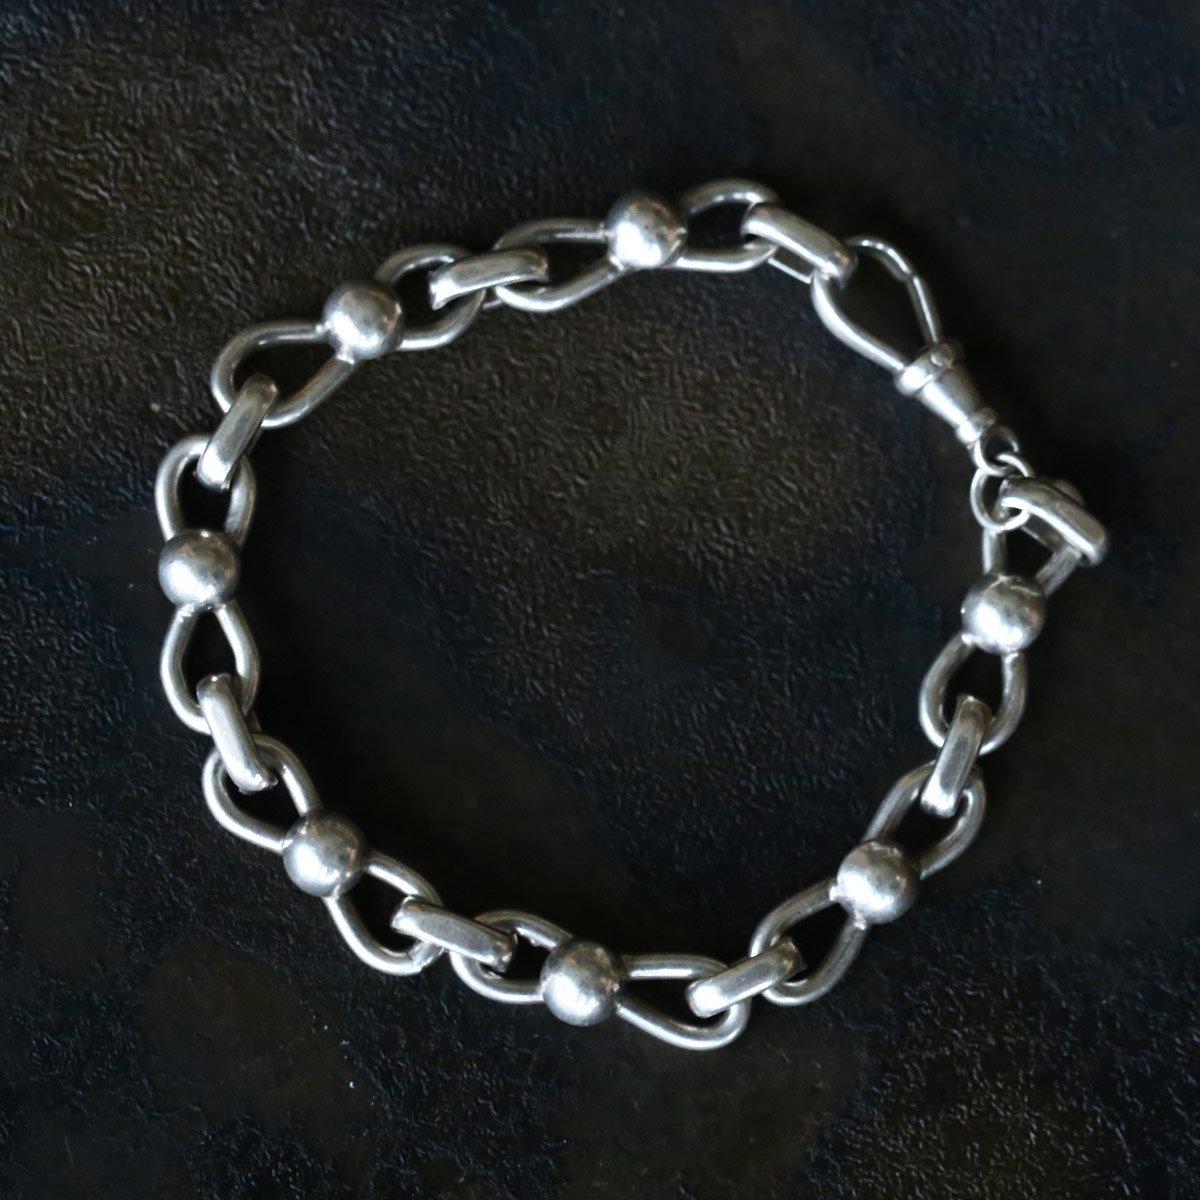 Vintage Silver Chain Bracelet ACH-030